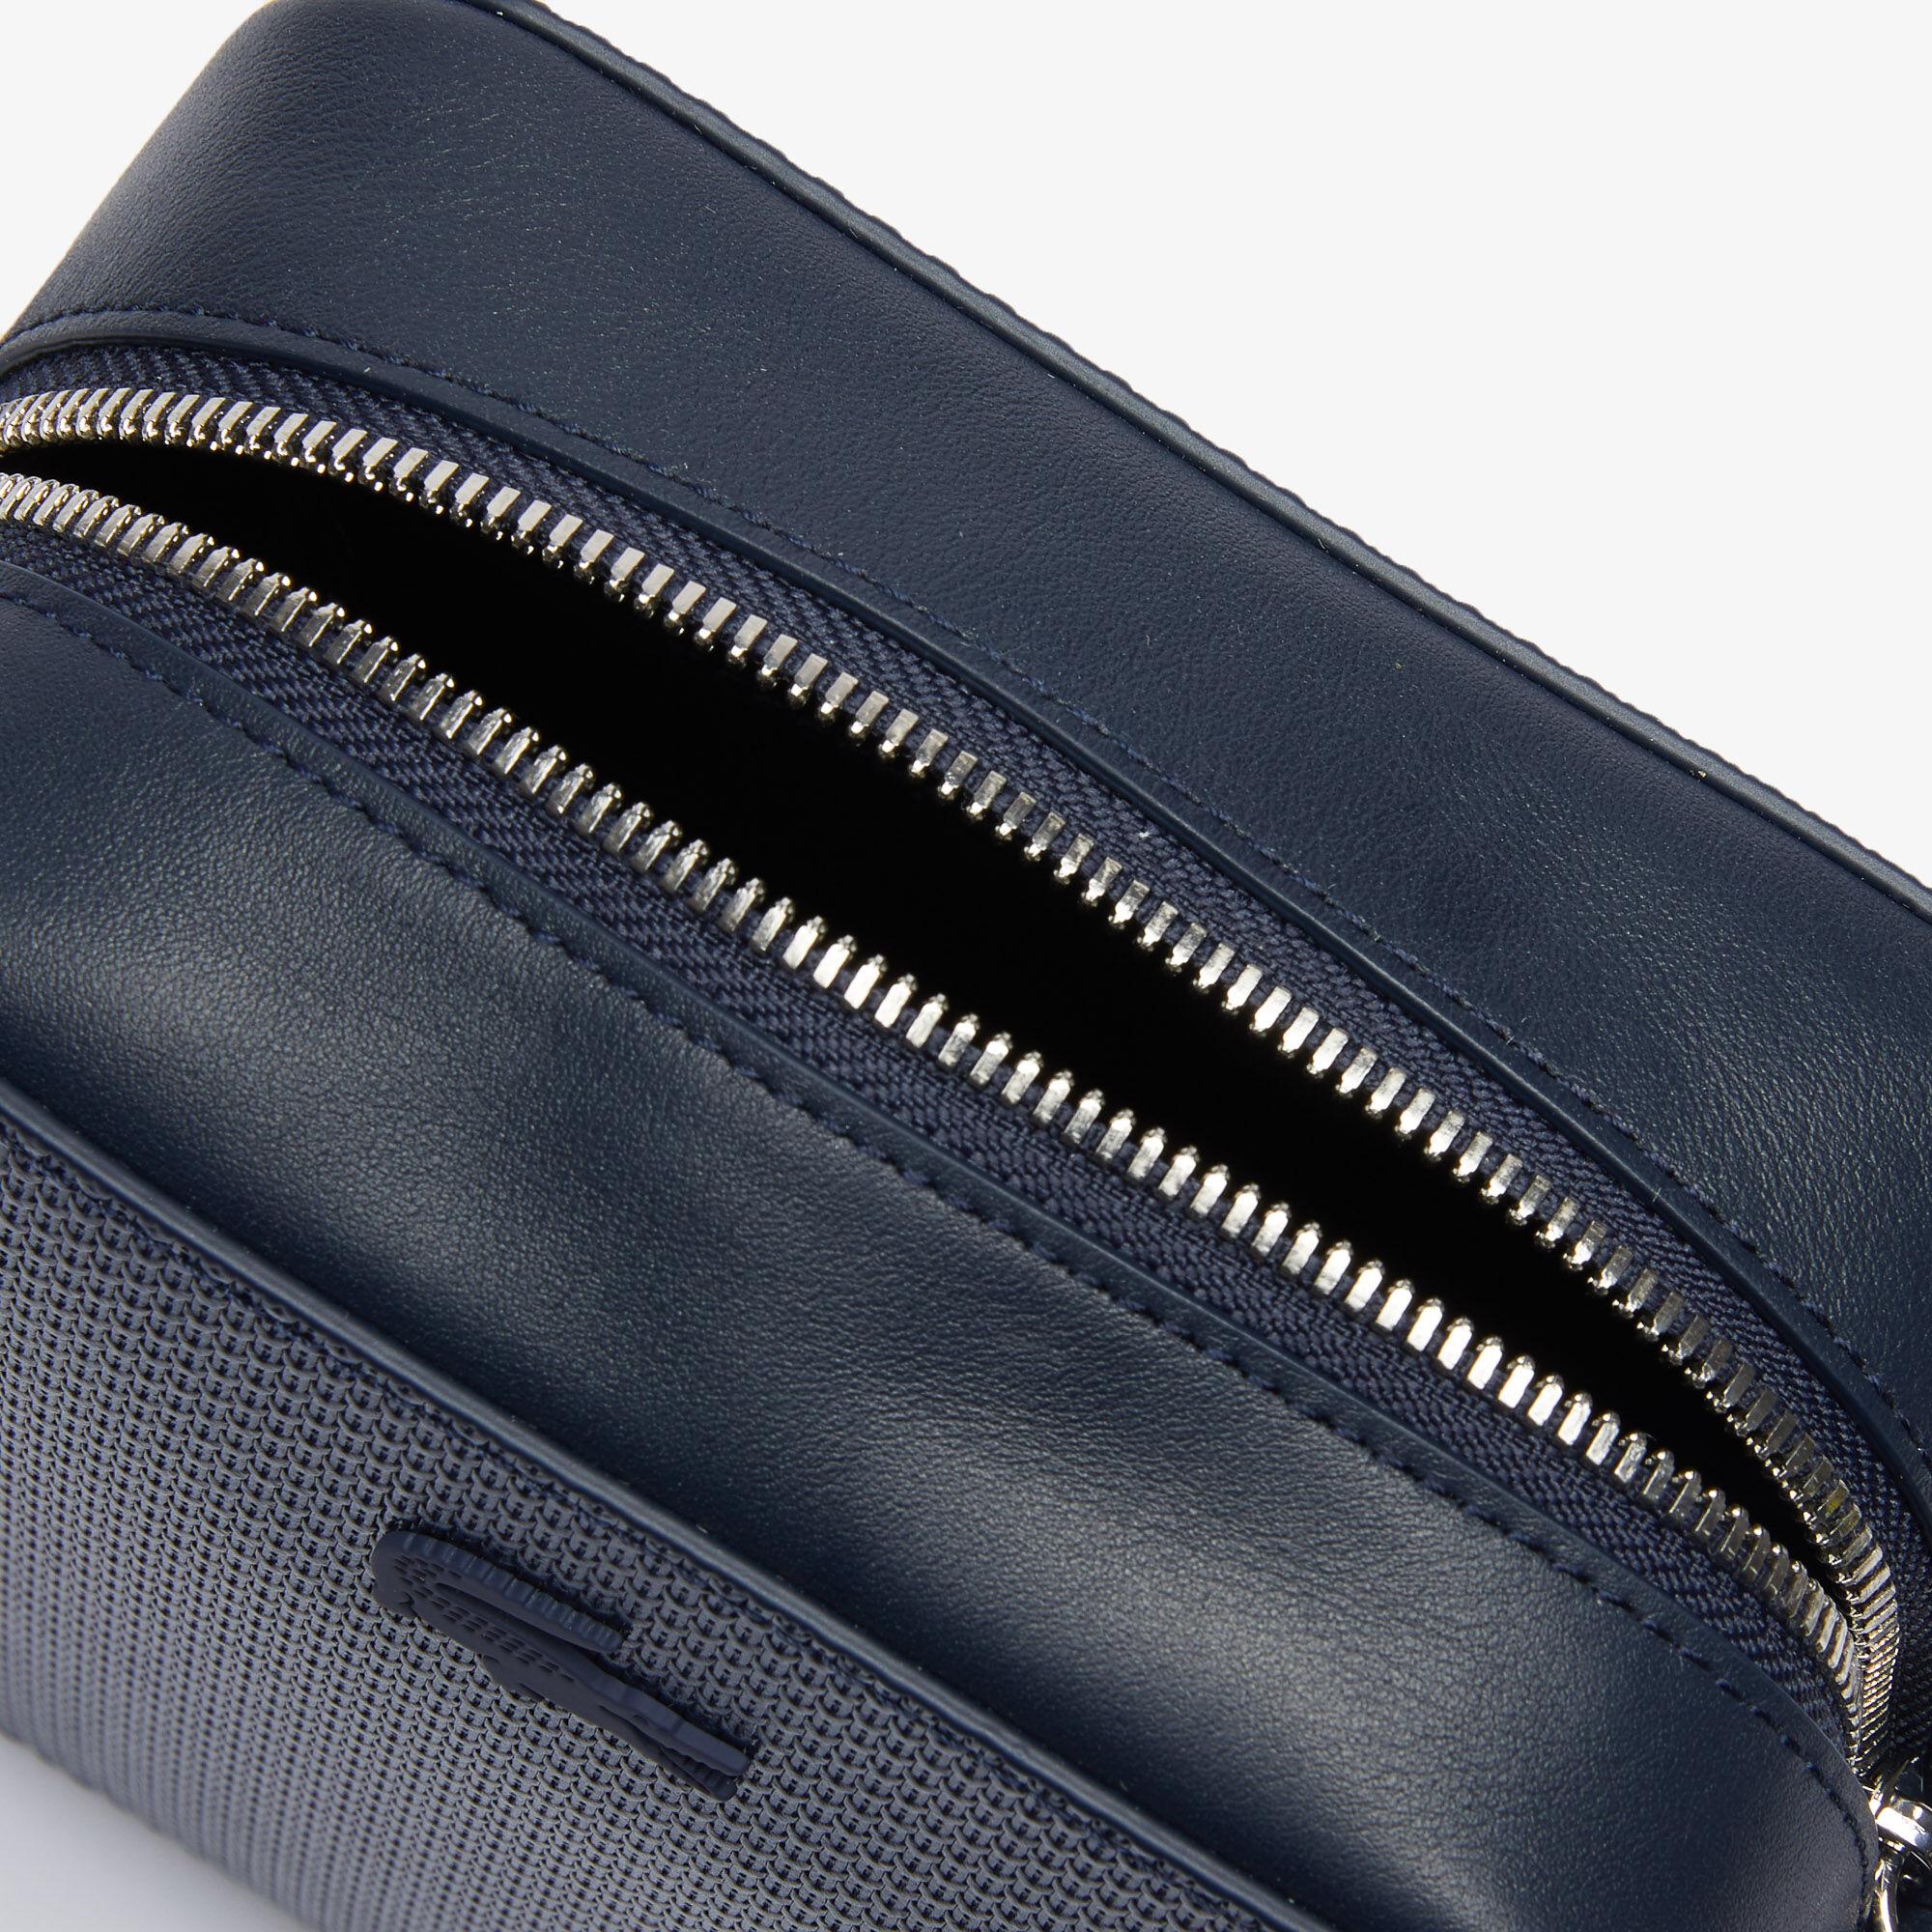 حقيبة كتف مربعة وصغيرة من جلد البيكيه غير اللامع مجموعة Chantaco للنساء